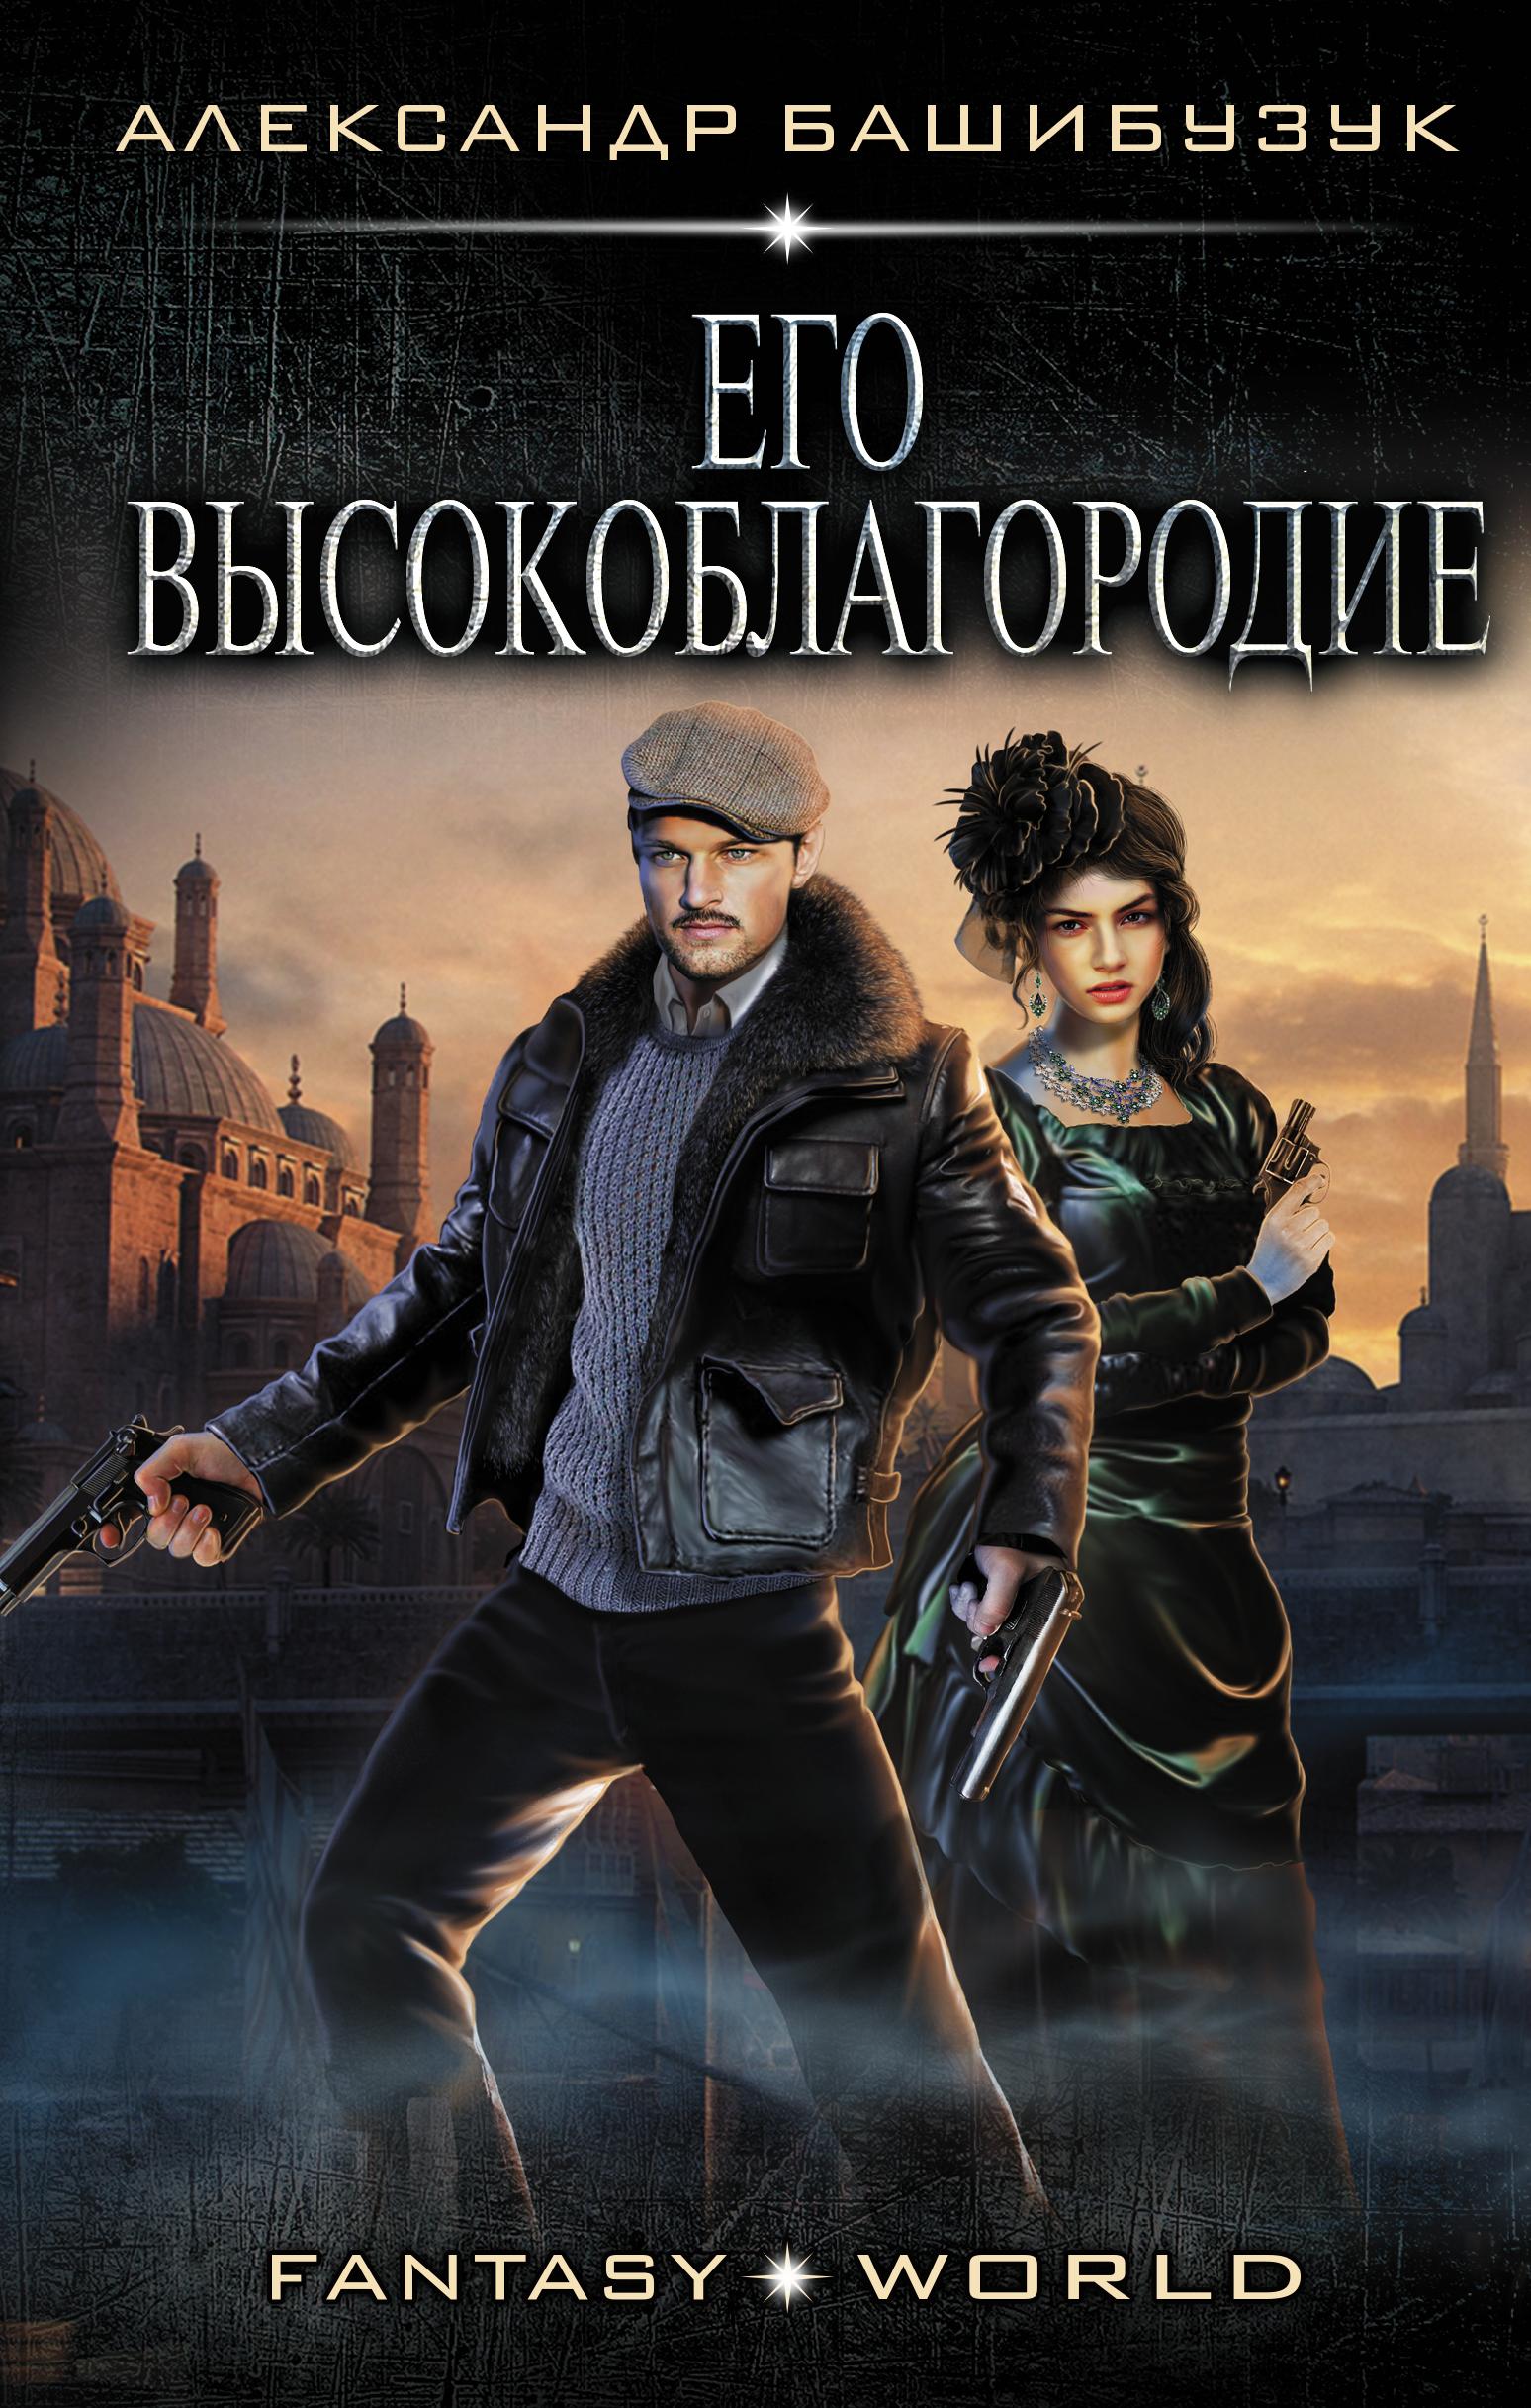 Александр Башибузук Эмигрант. Его высокоблагородие башибузук александр эмигрант его высокоблагородие